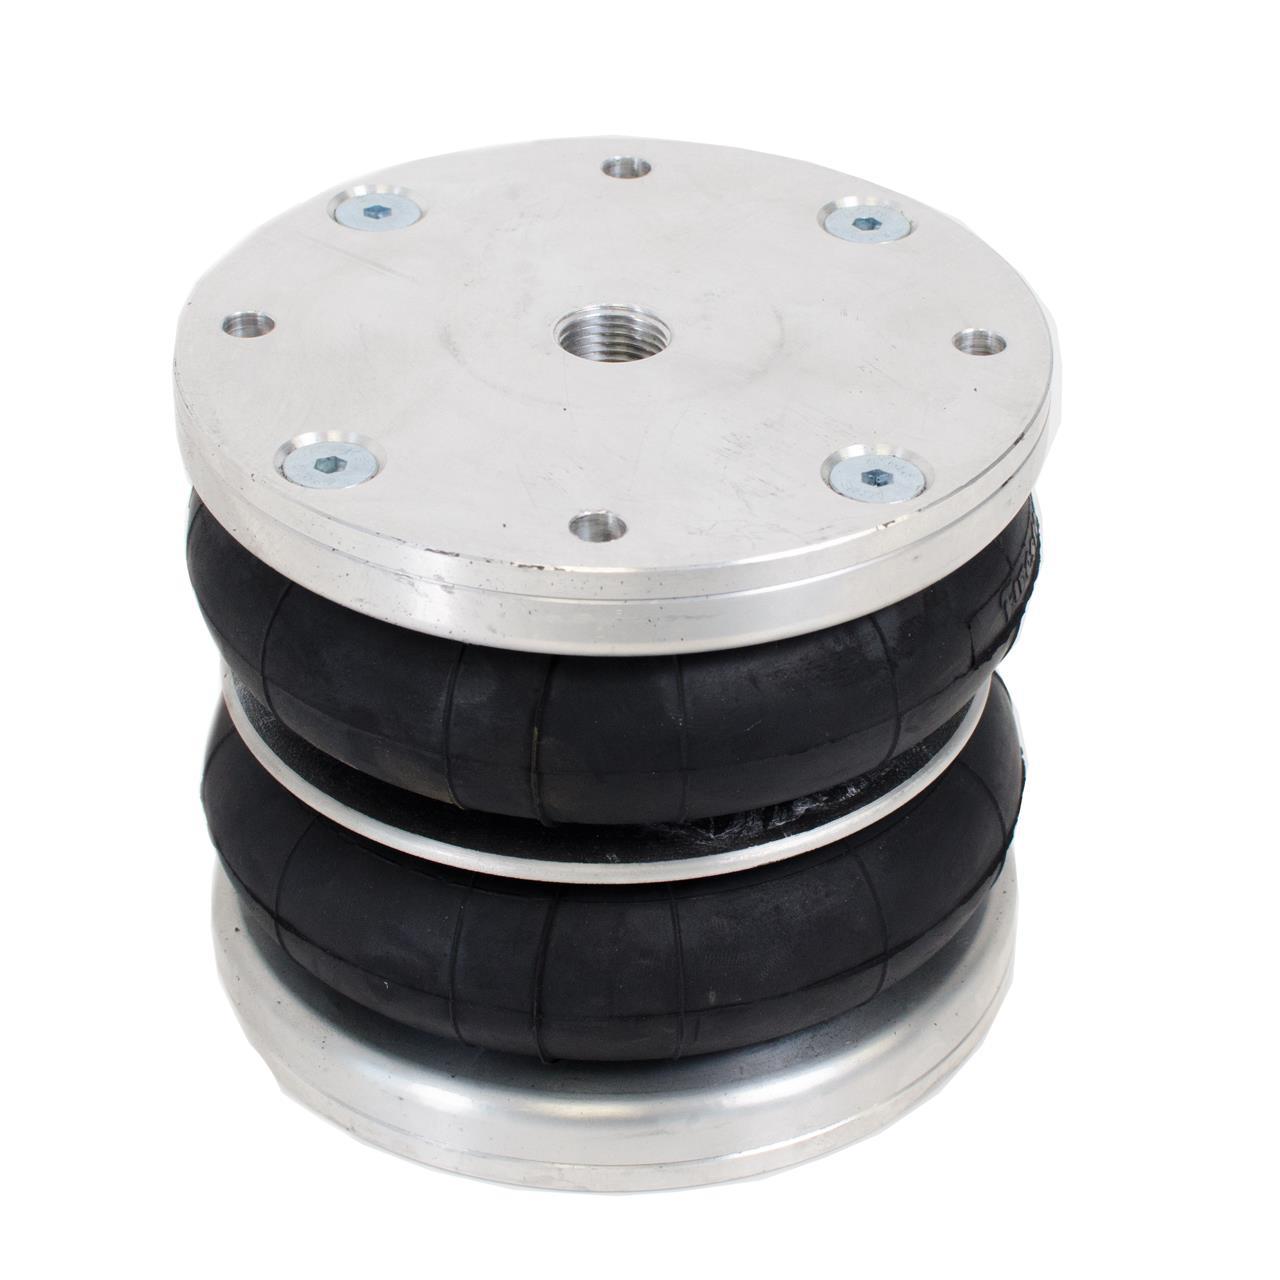 2-fach Balgzylinder W01-R58-4070